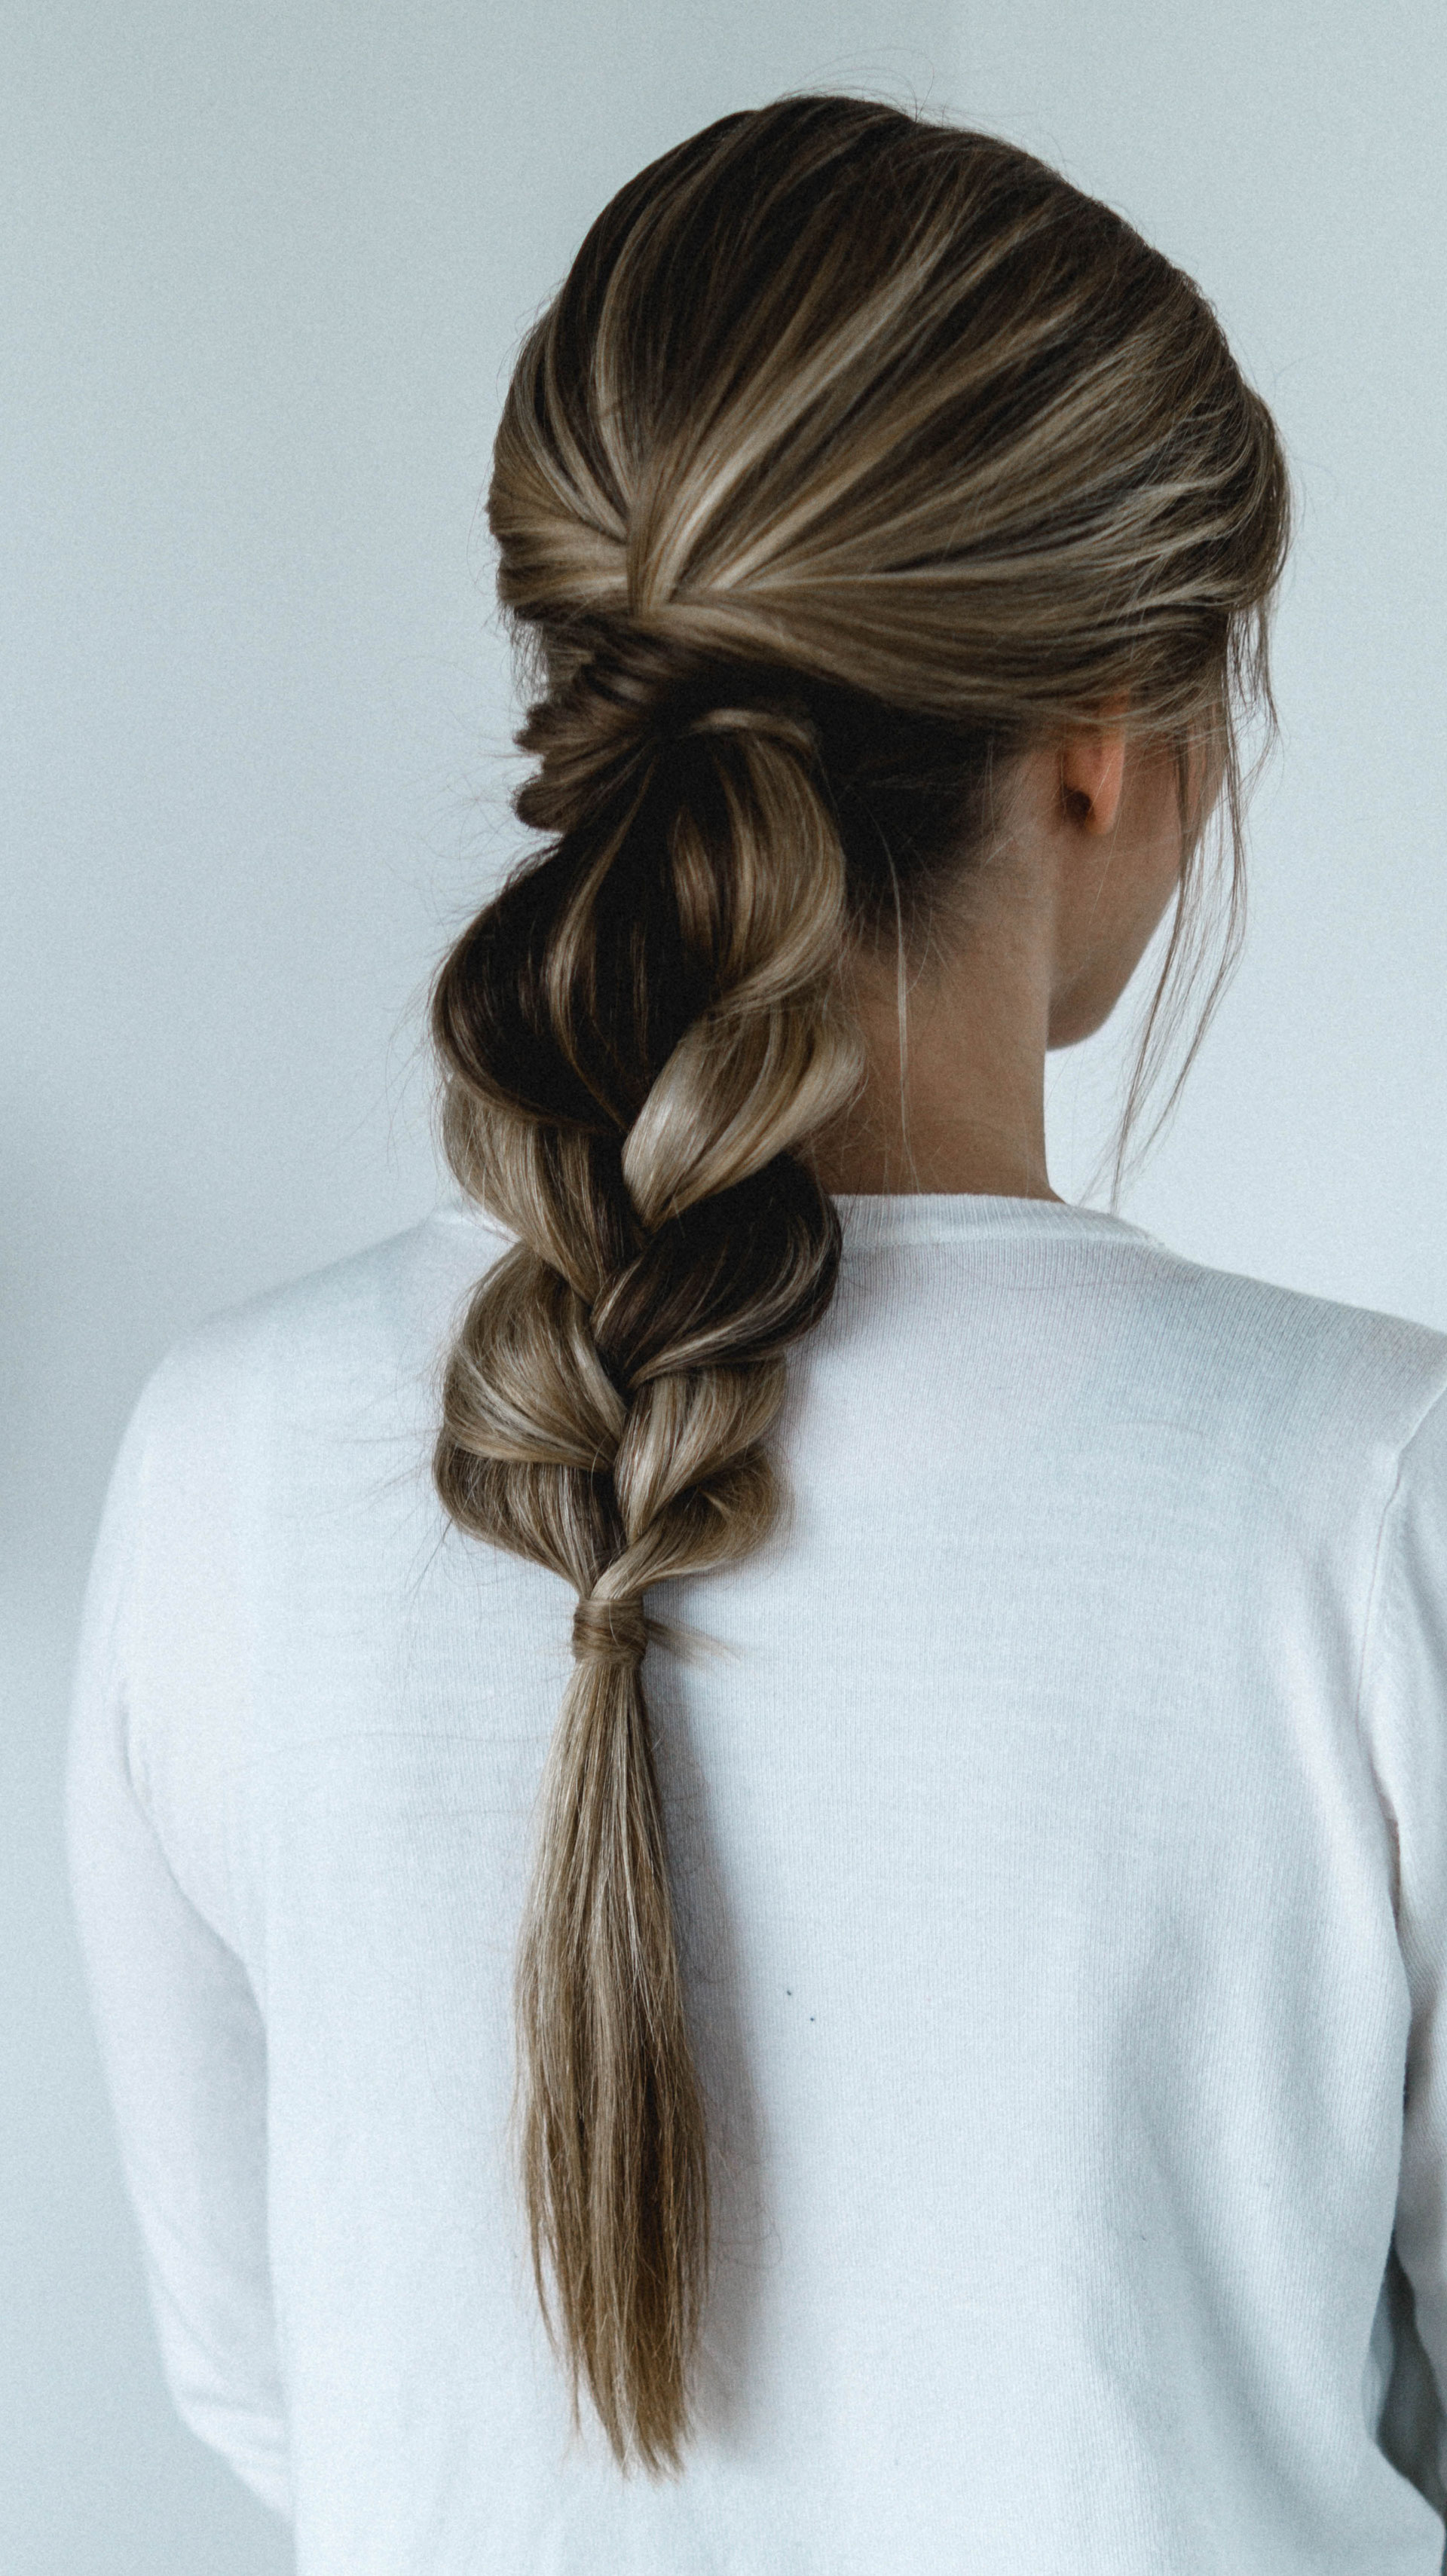 Einfache Lockere Frisuren Für Jeden Tag Make Up Für Hochzeit